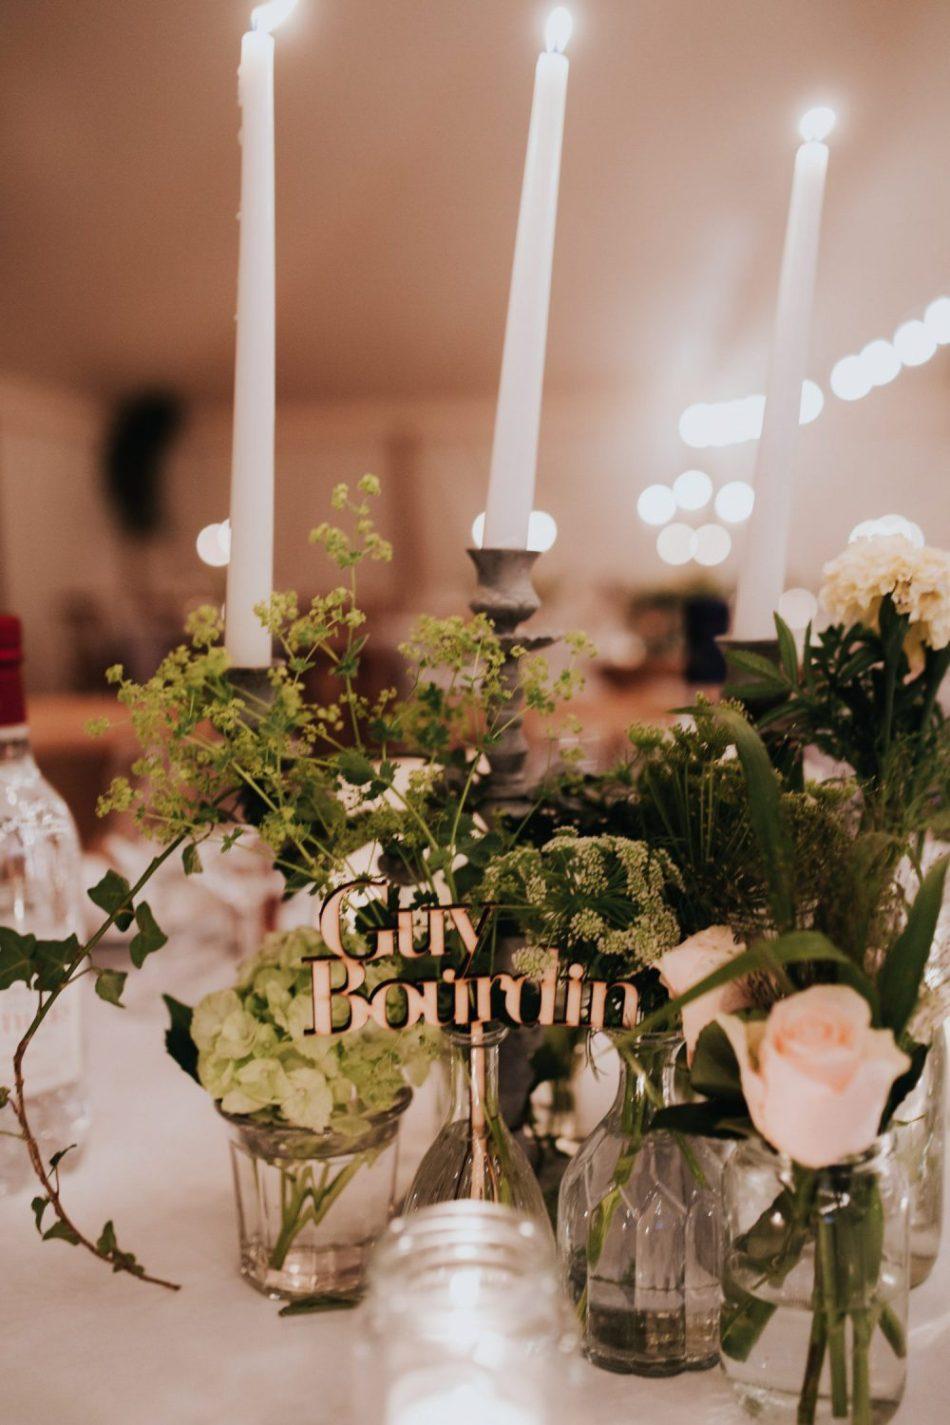 Décoration de table avec fleurs pour mariage